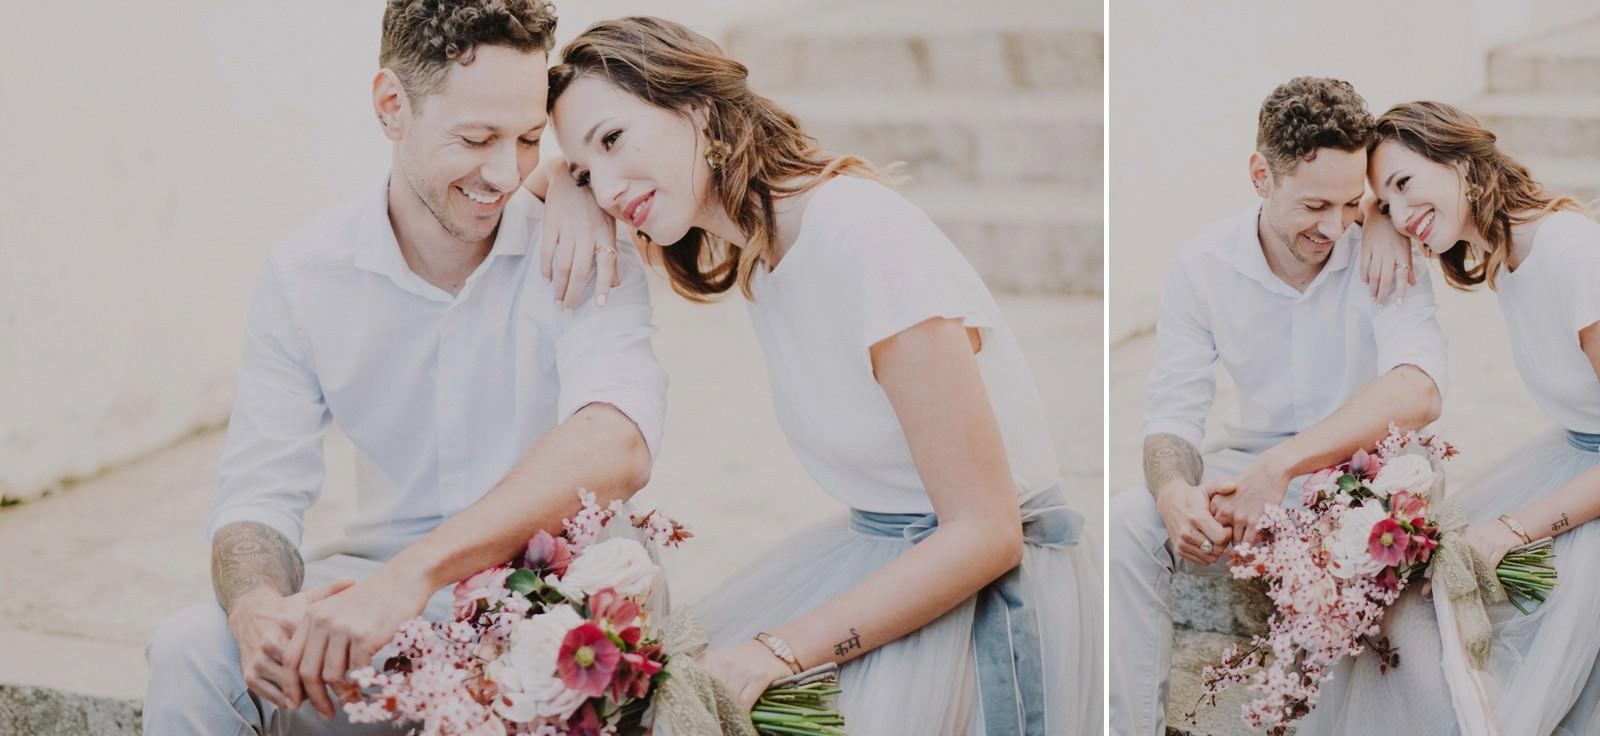 fotografo di matrimonio reportage di coppia-30.jpg